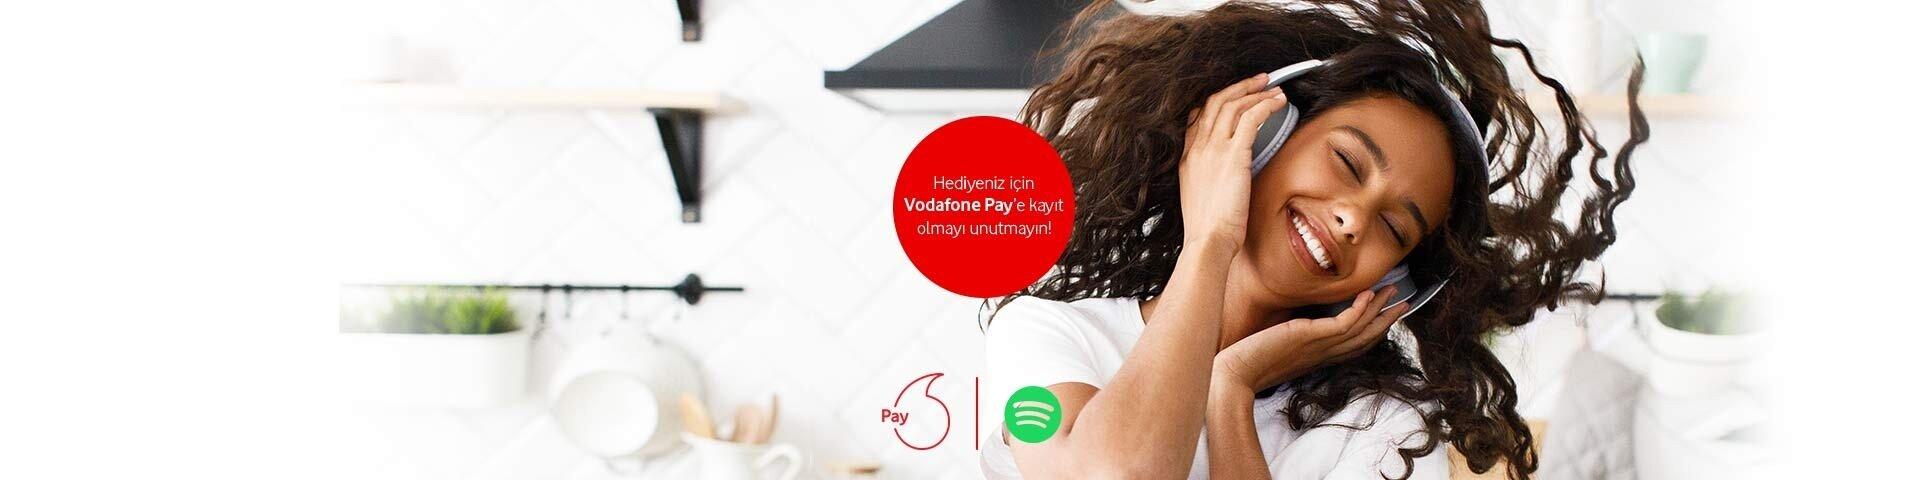 Spotify'da Vodafone Mobil Ödeme Ayrıcalığı!